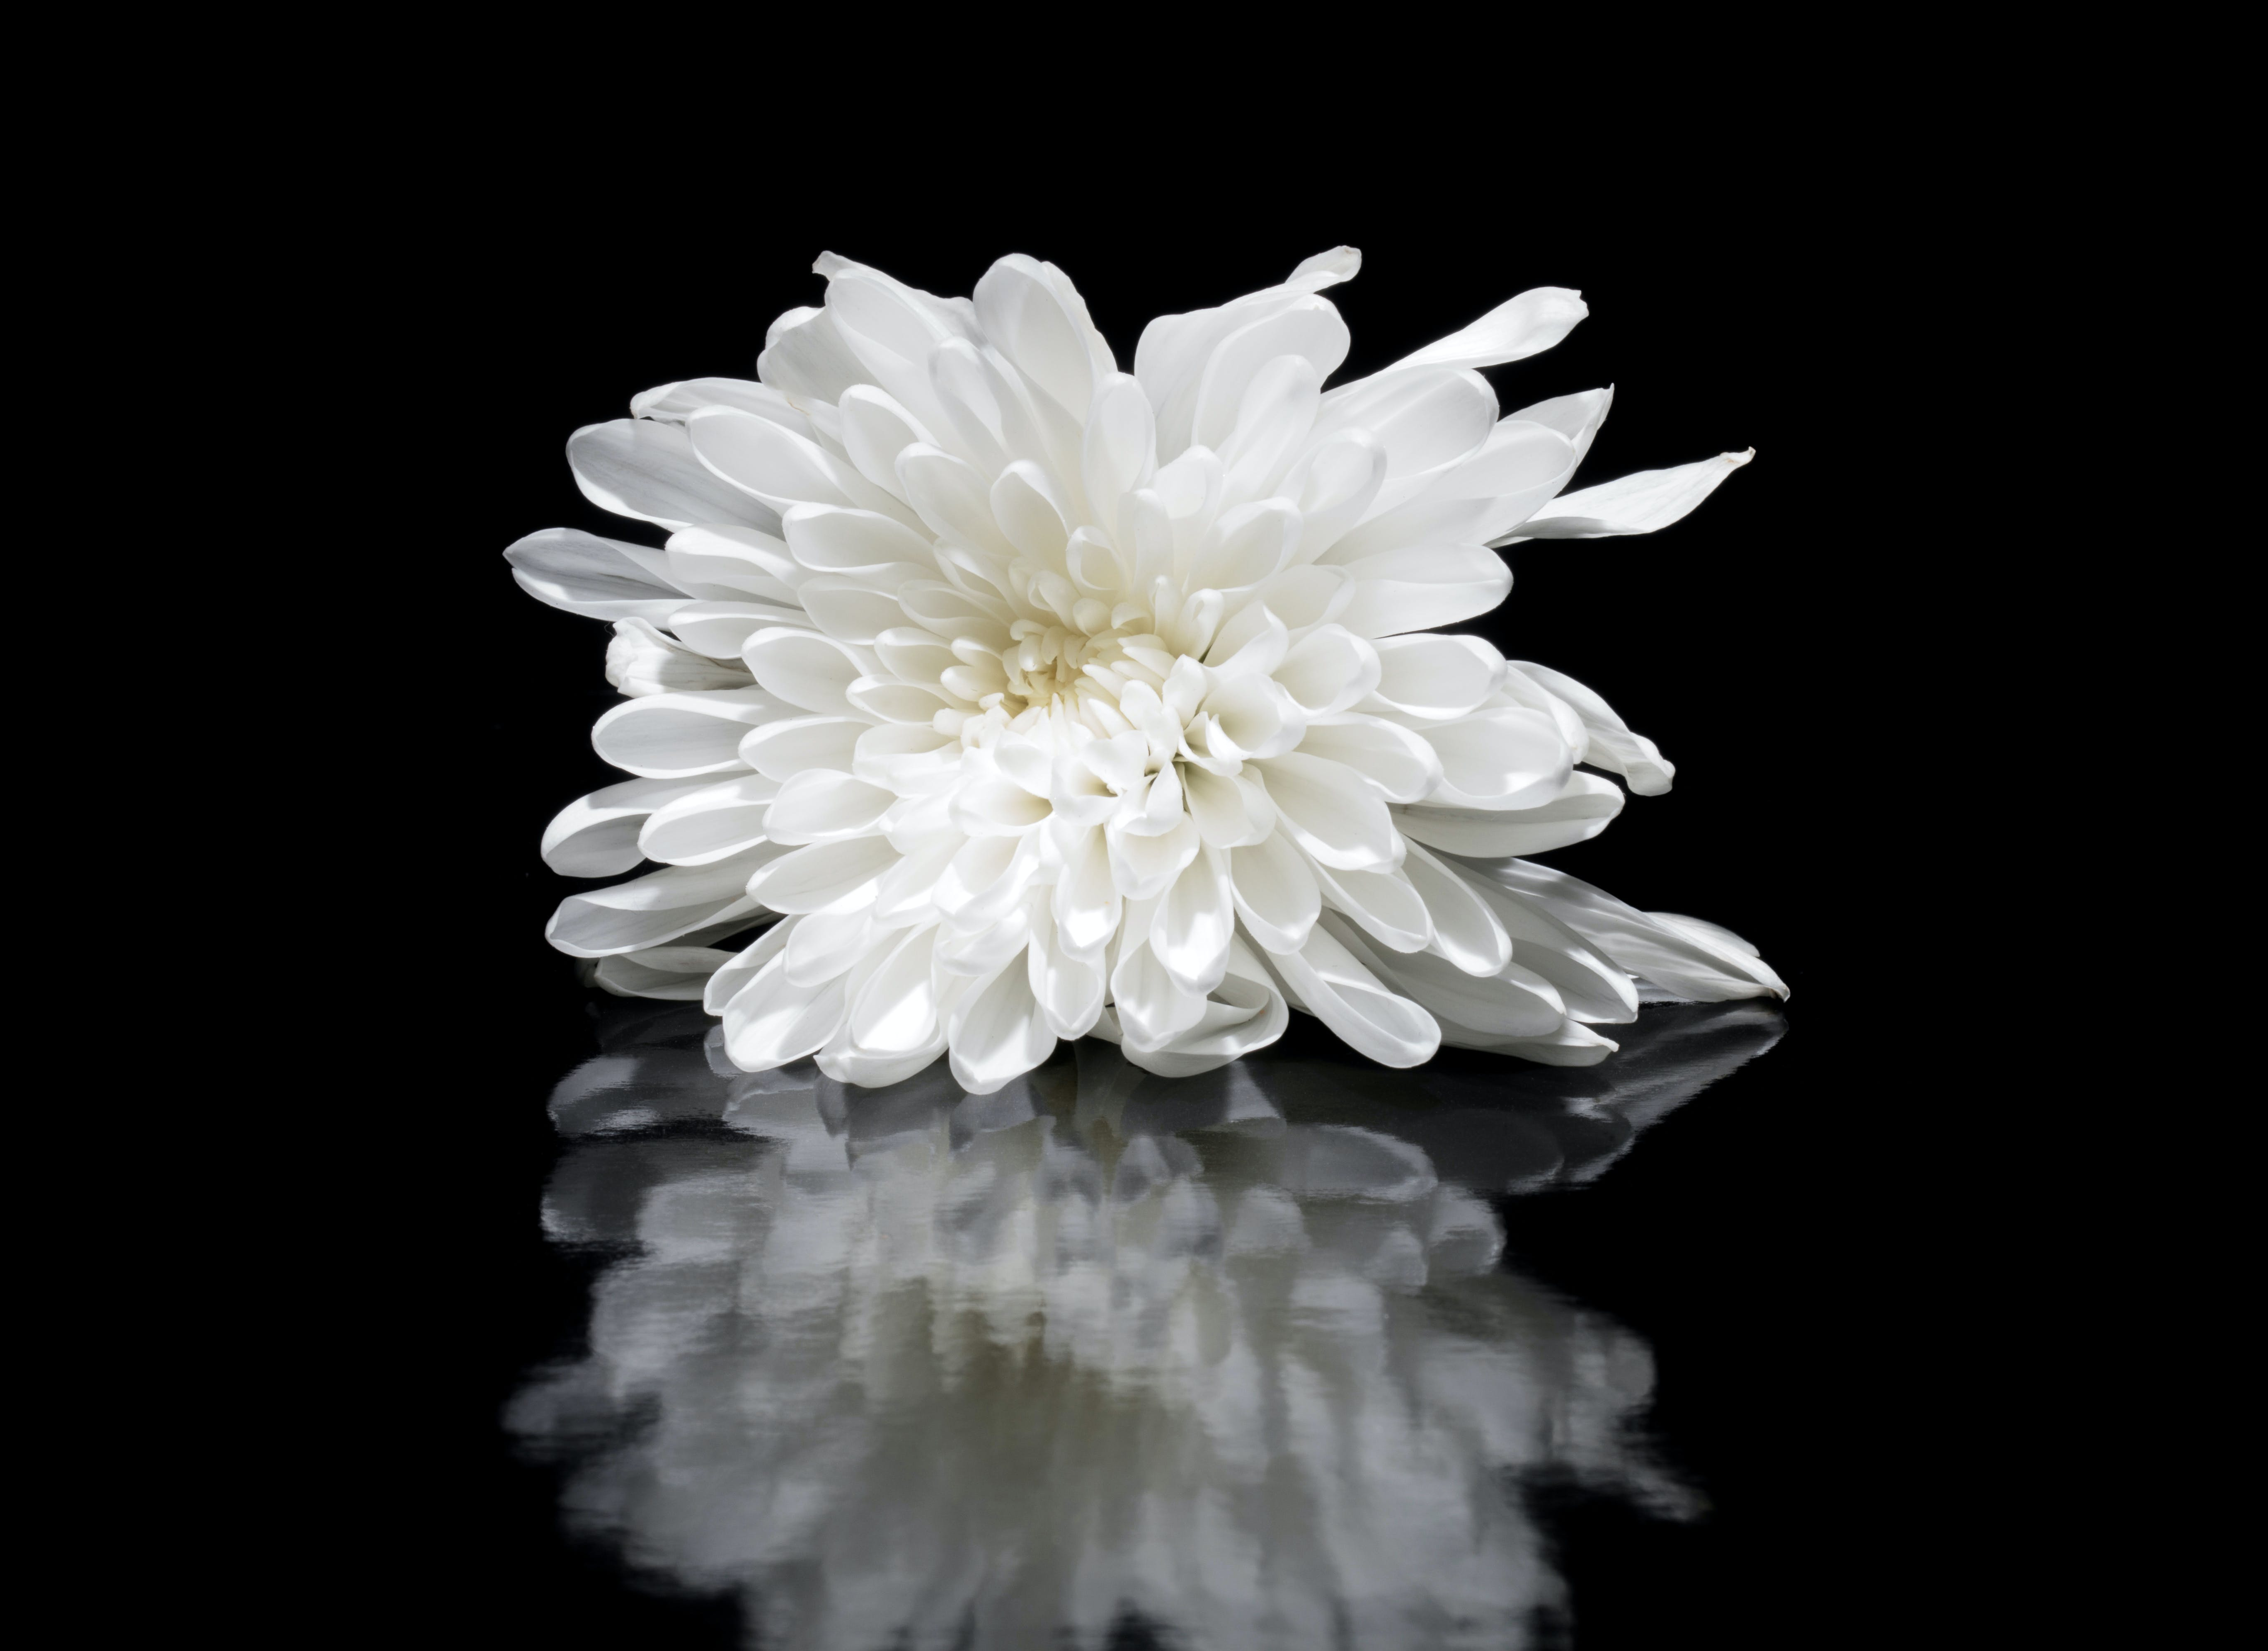 Ilmainen kuvapankkikuva tunnisteilla elegantti, hauras, heijastus, kasvikunta